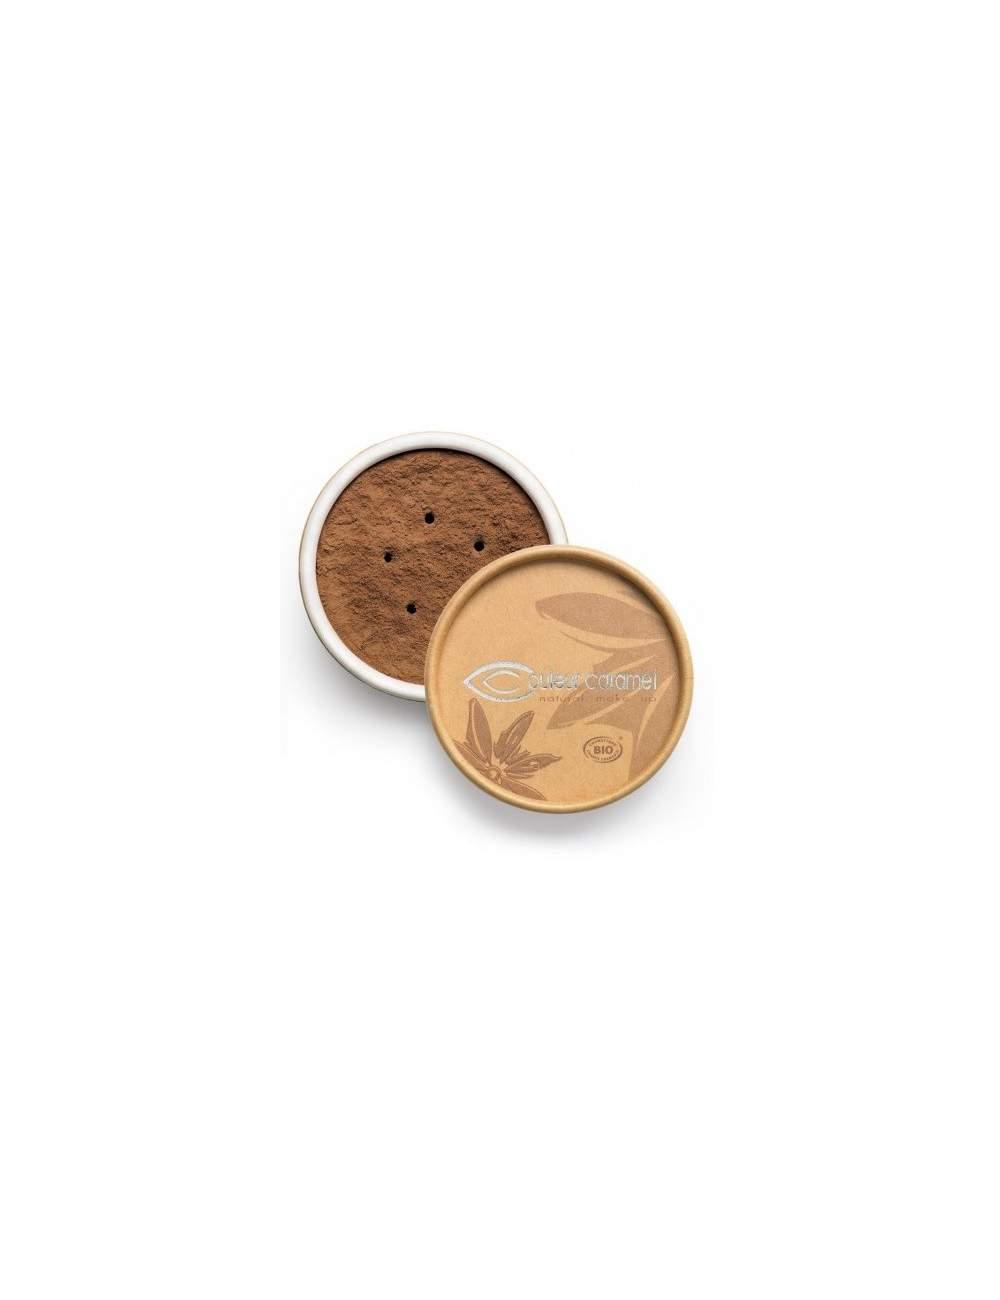 Fond de Teint Bio Minéral 12 Cafe. Couleur Caramel